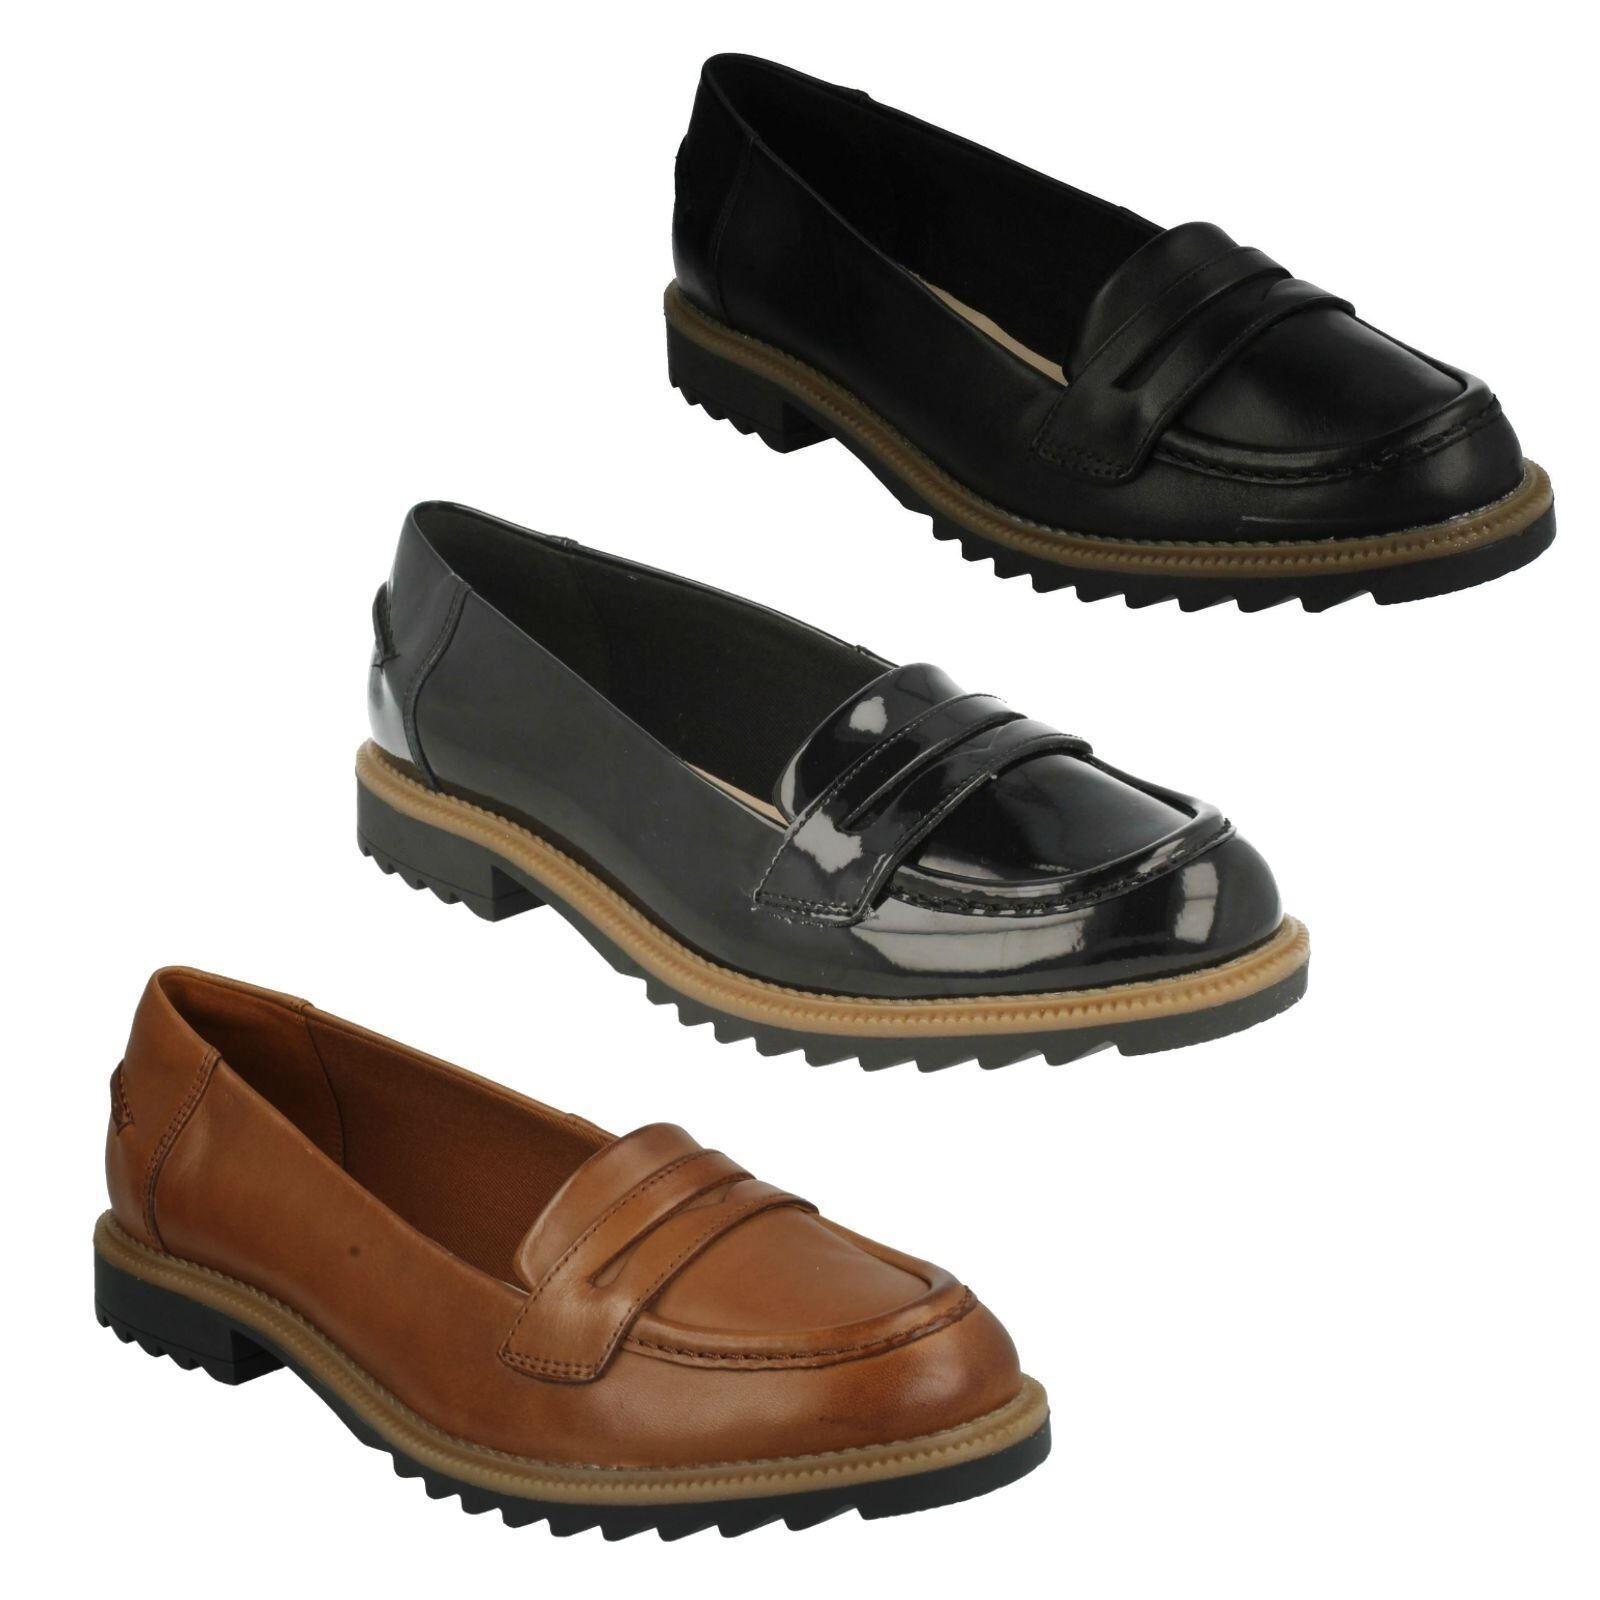 greifen Damen Clarks Leder Slipper niedrige Absätze förmliche Schuhe Größe